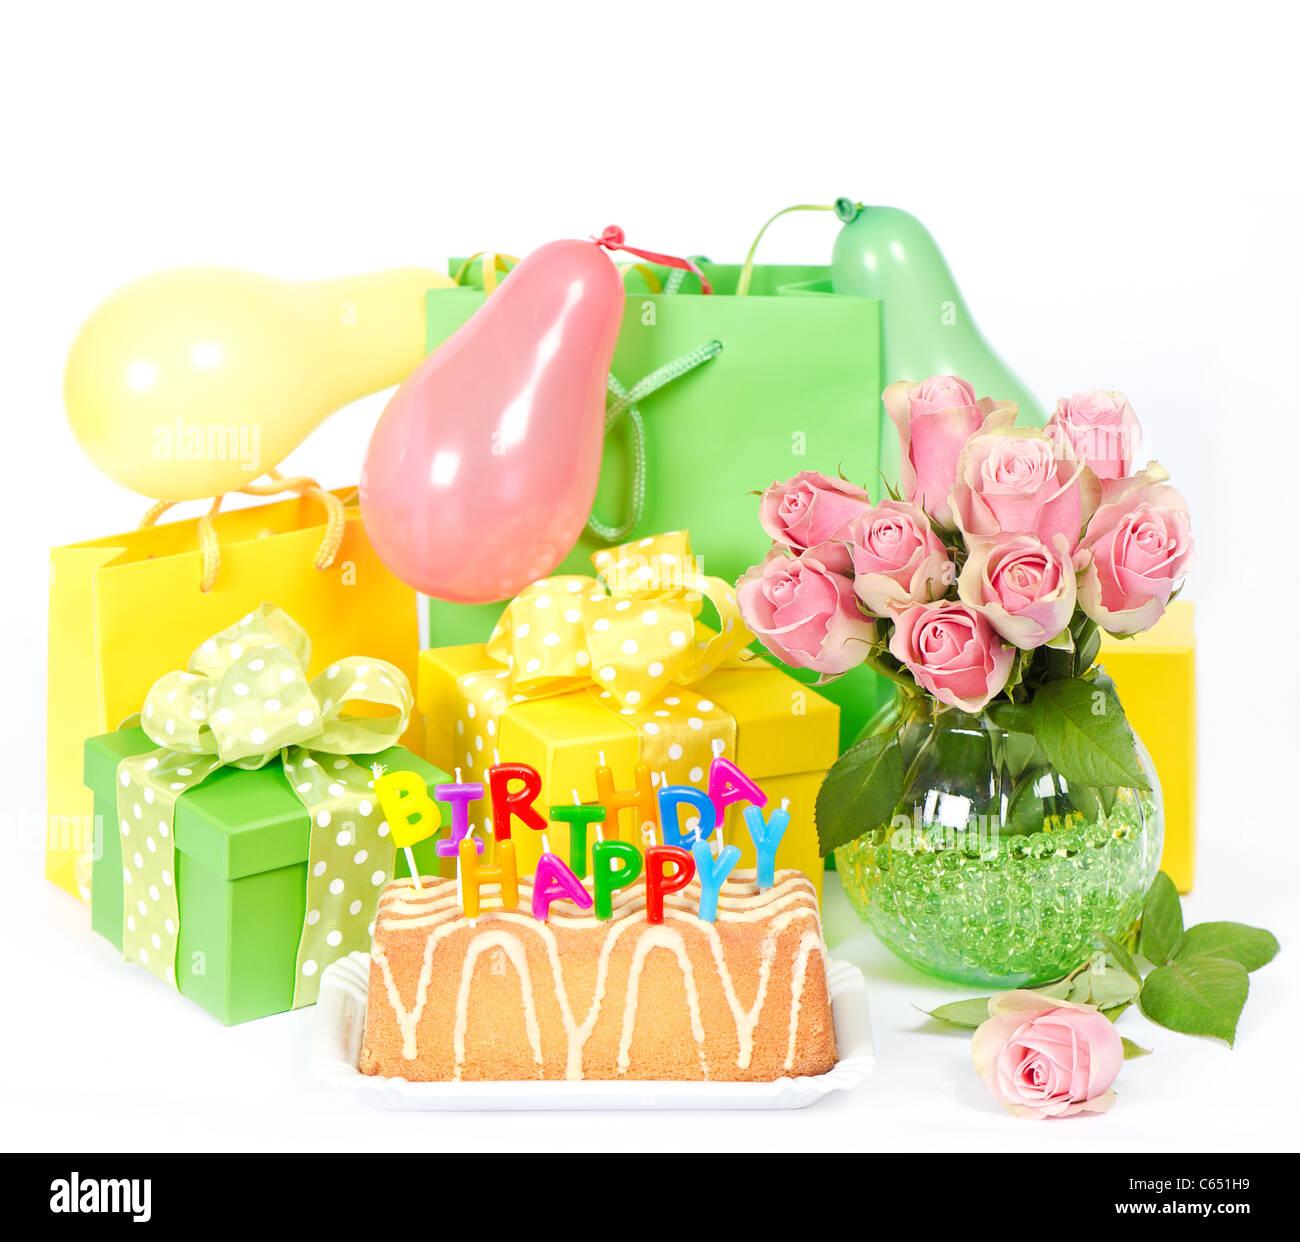 Herzlichen Gluckwunsch Zum Geburtstag Party Dekoration Kuchen Und